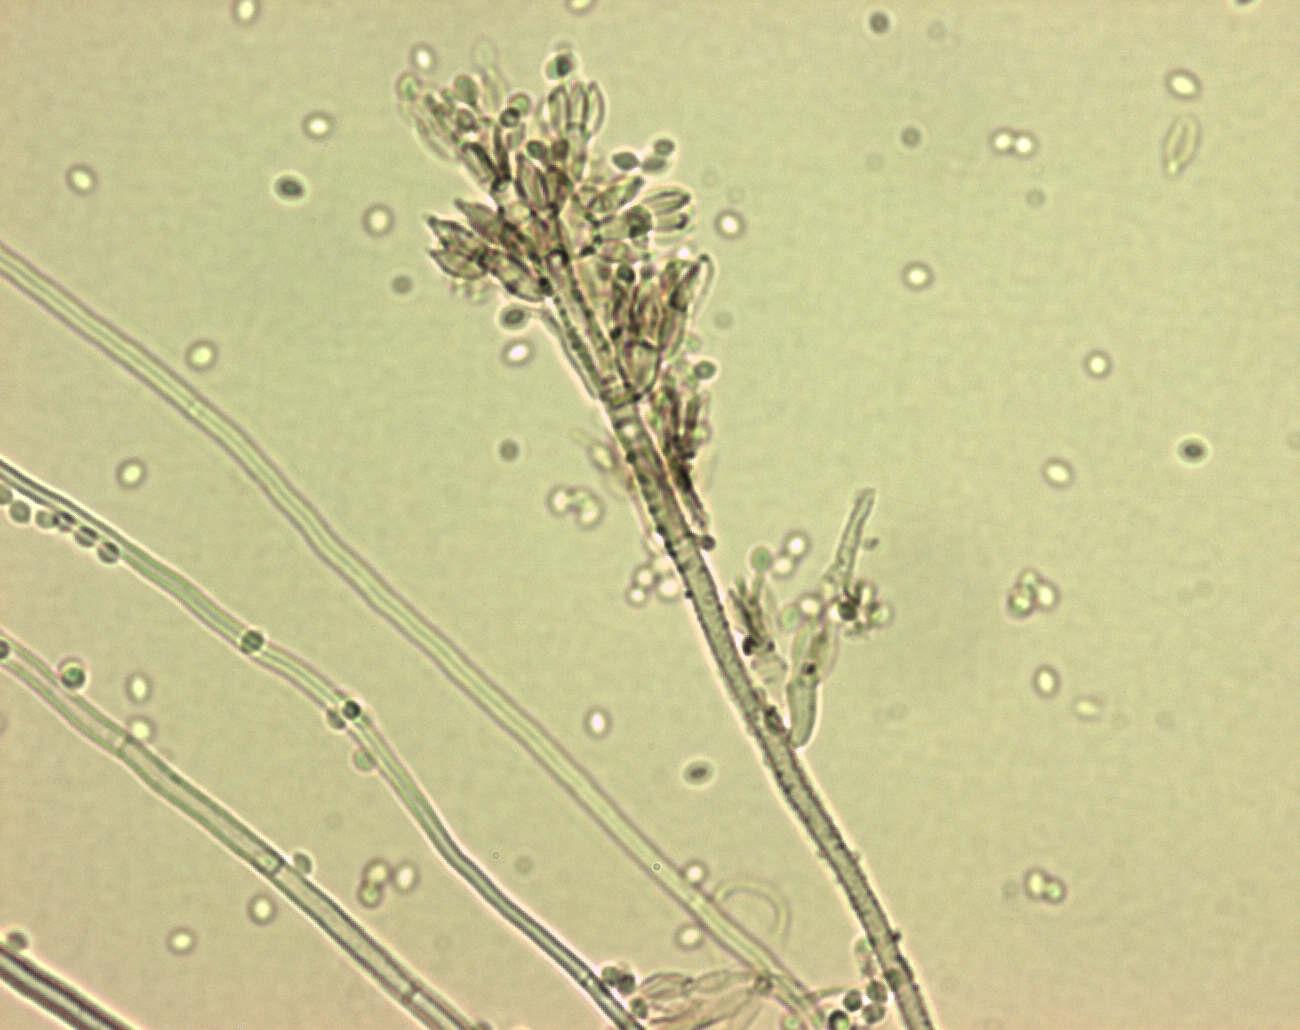 purpureocillium liacinum